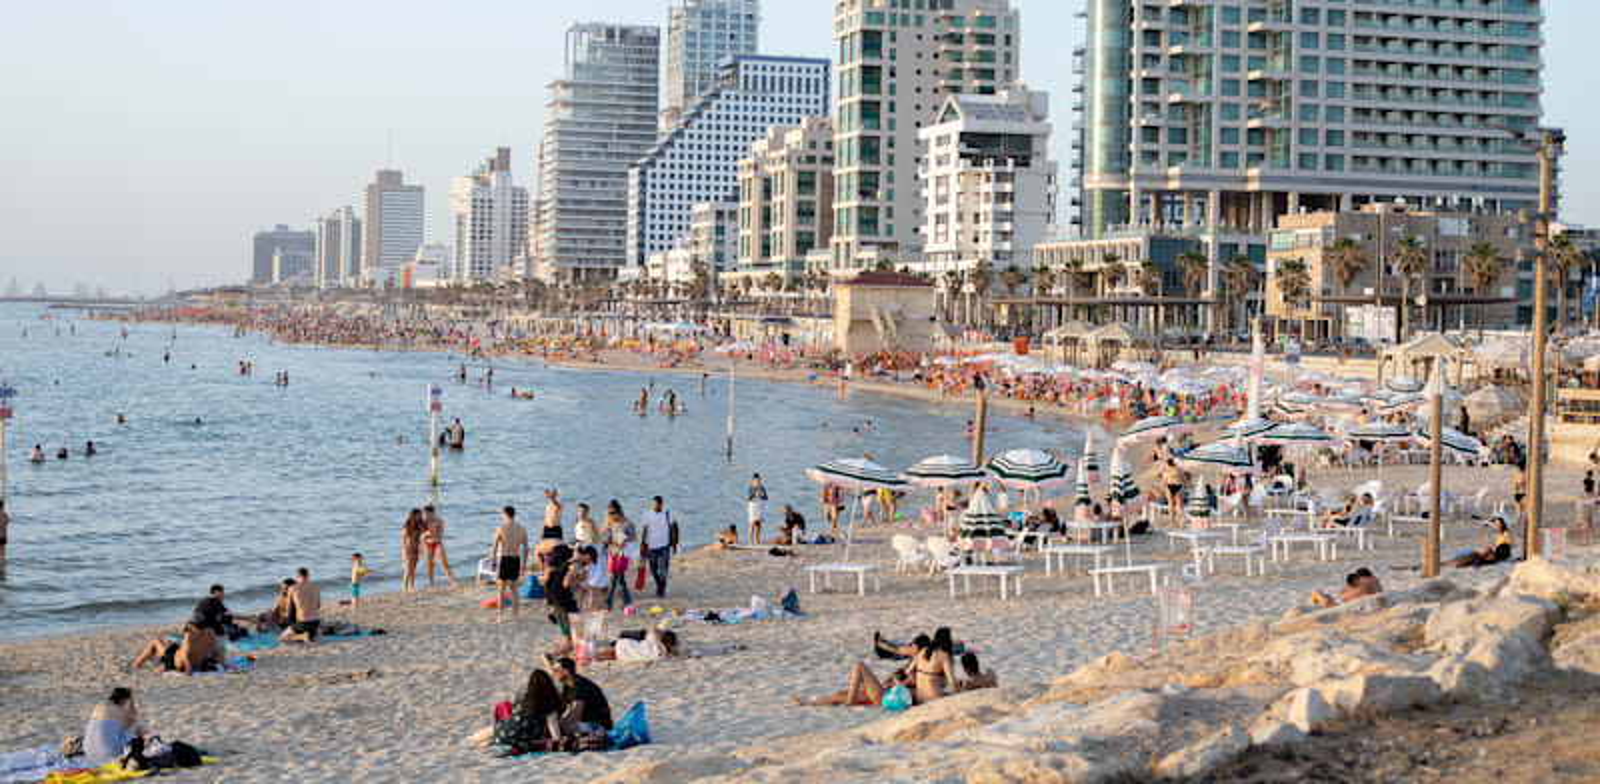 חוף הים בתל אביב / צילום: כדיה לוי